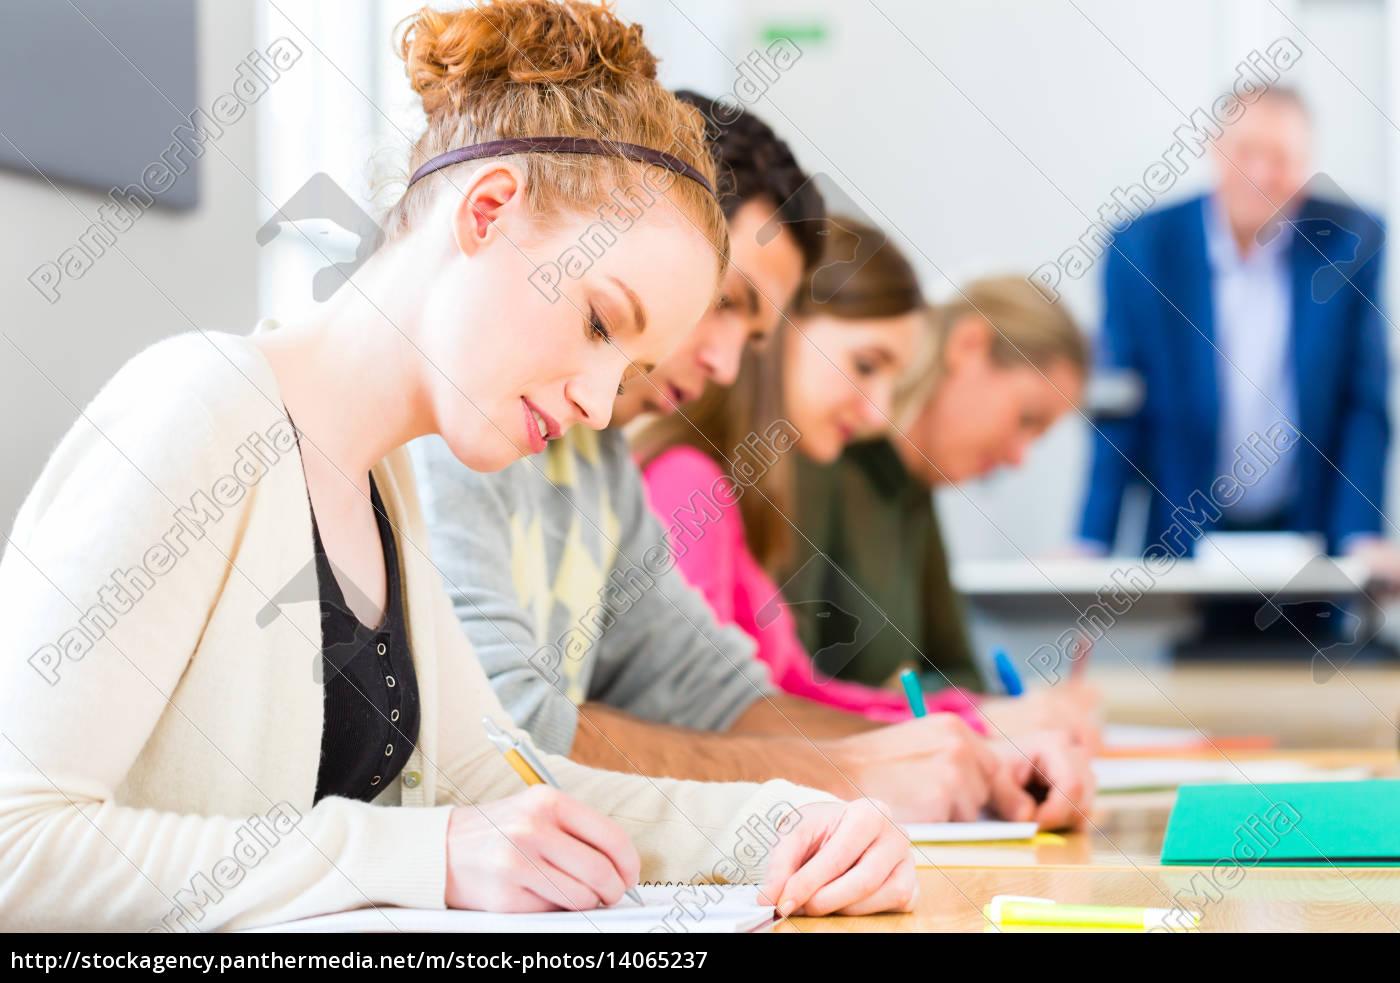 Tolle Student Nimmt Proben Wieder Auf Fotos - Entry Level Resume ...